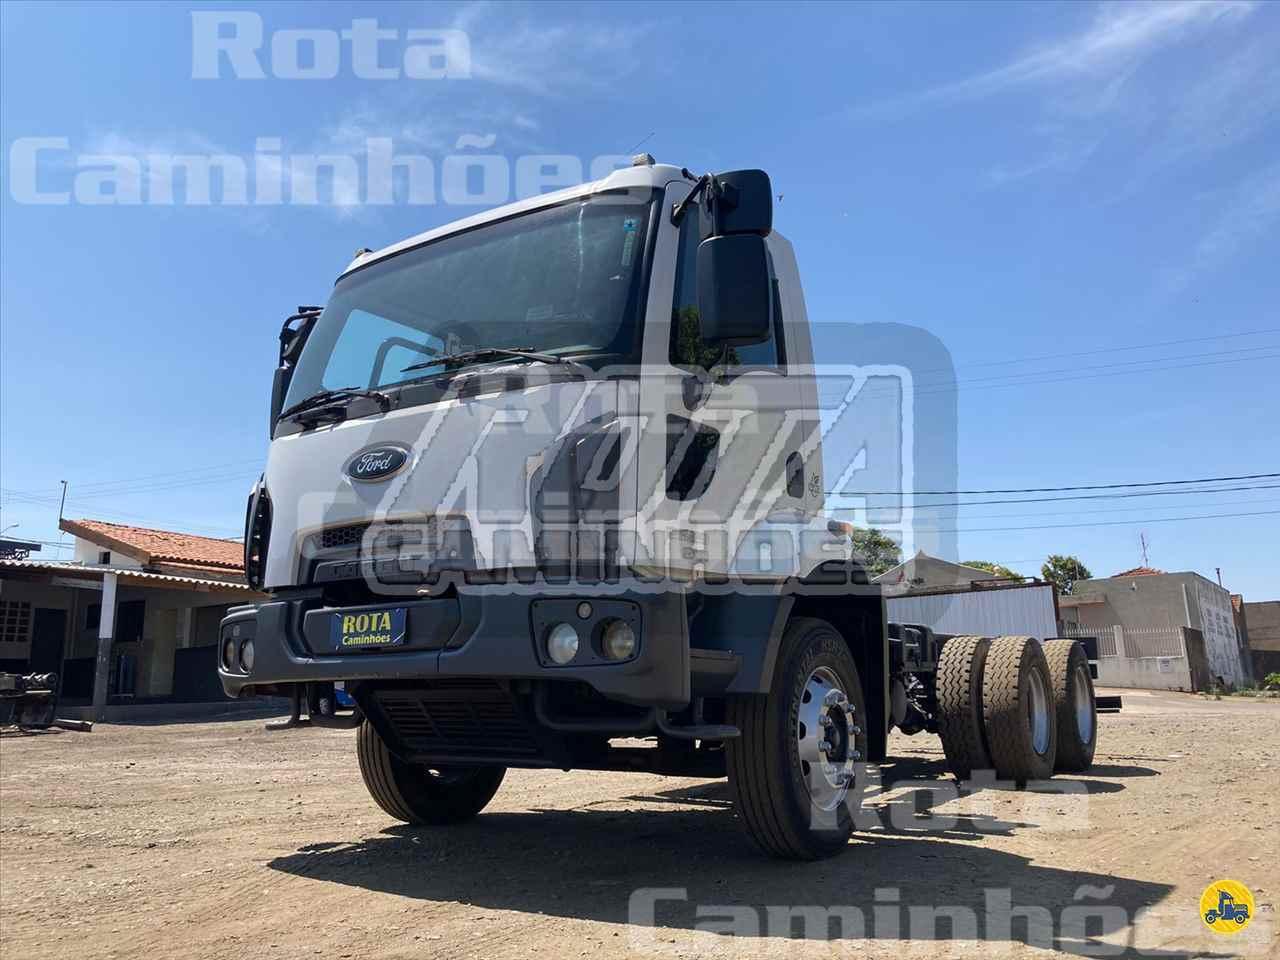 CARGO 2629 de Rota Caminhões - SUMARE/SP